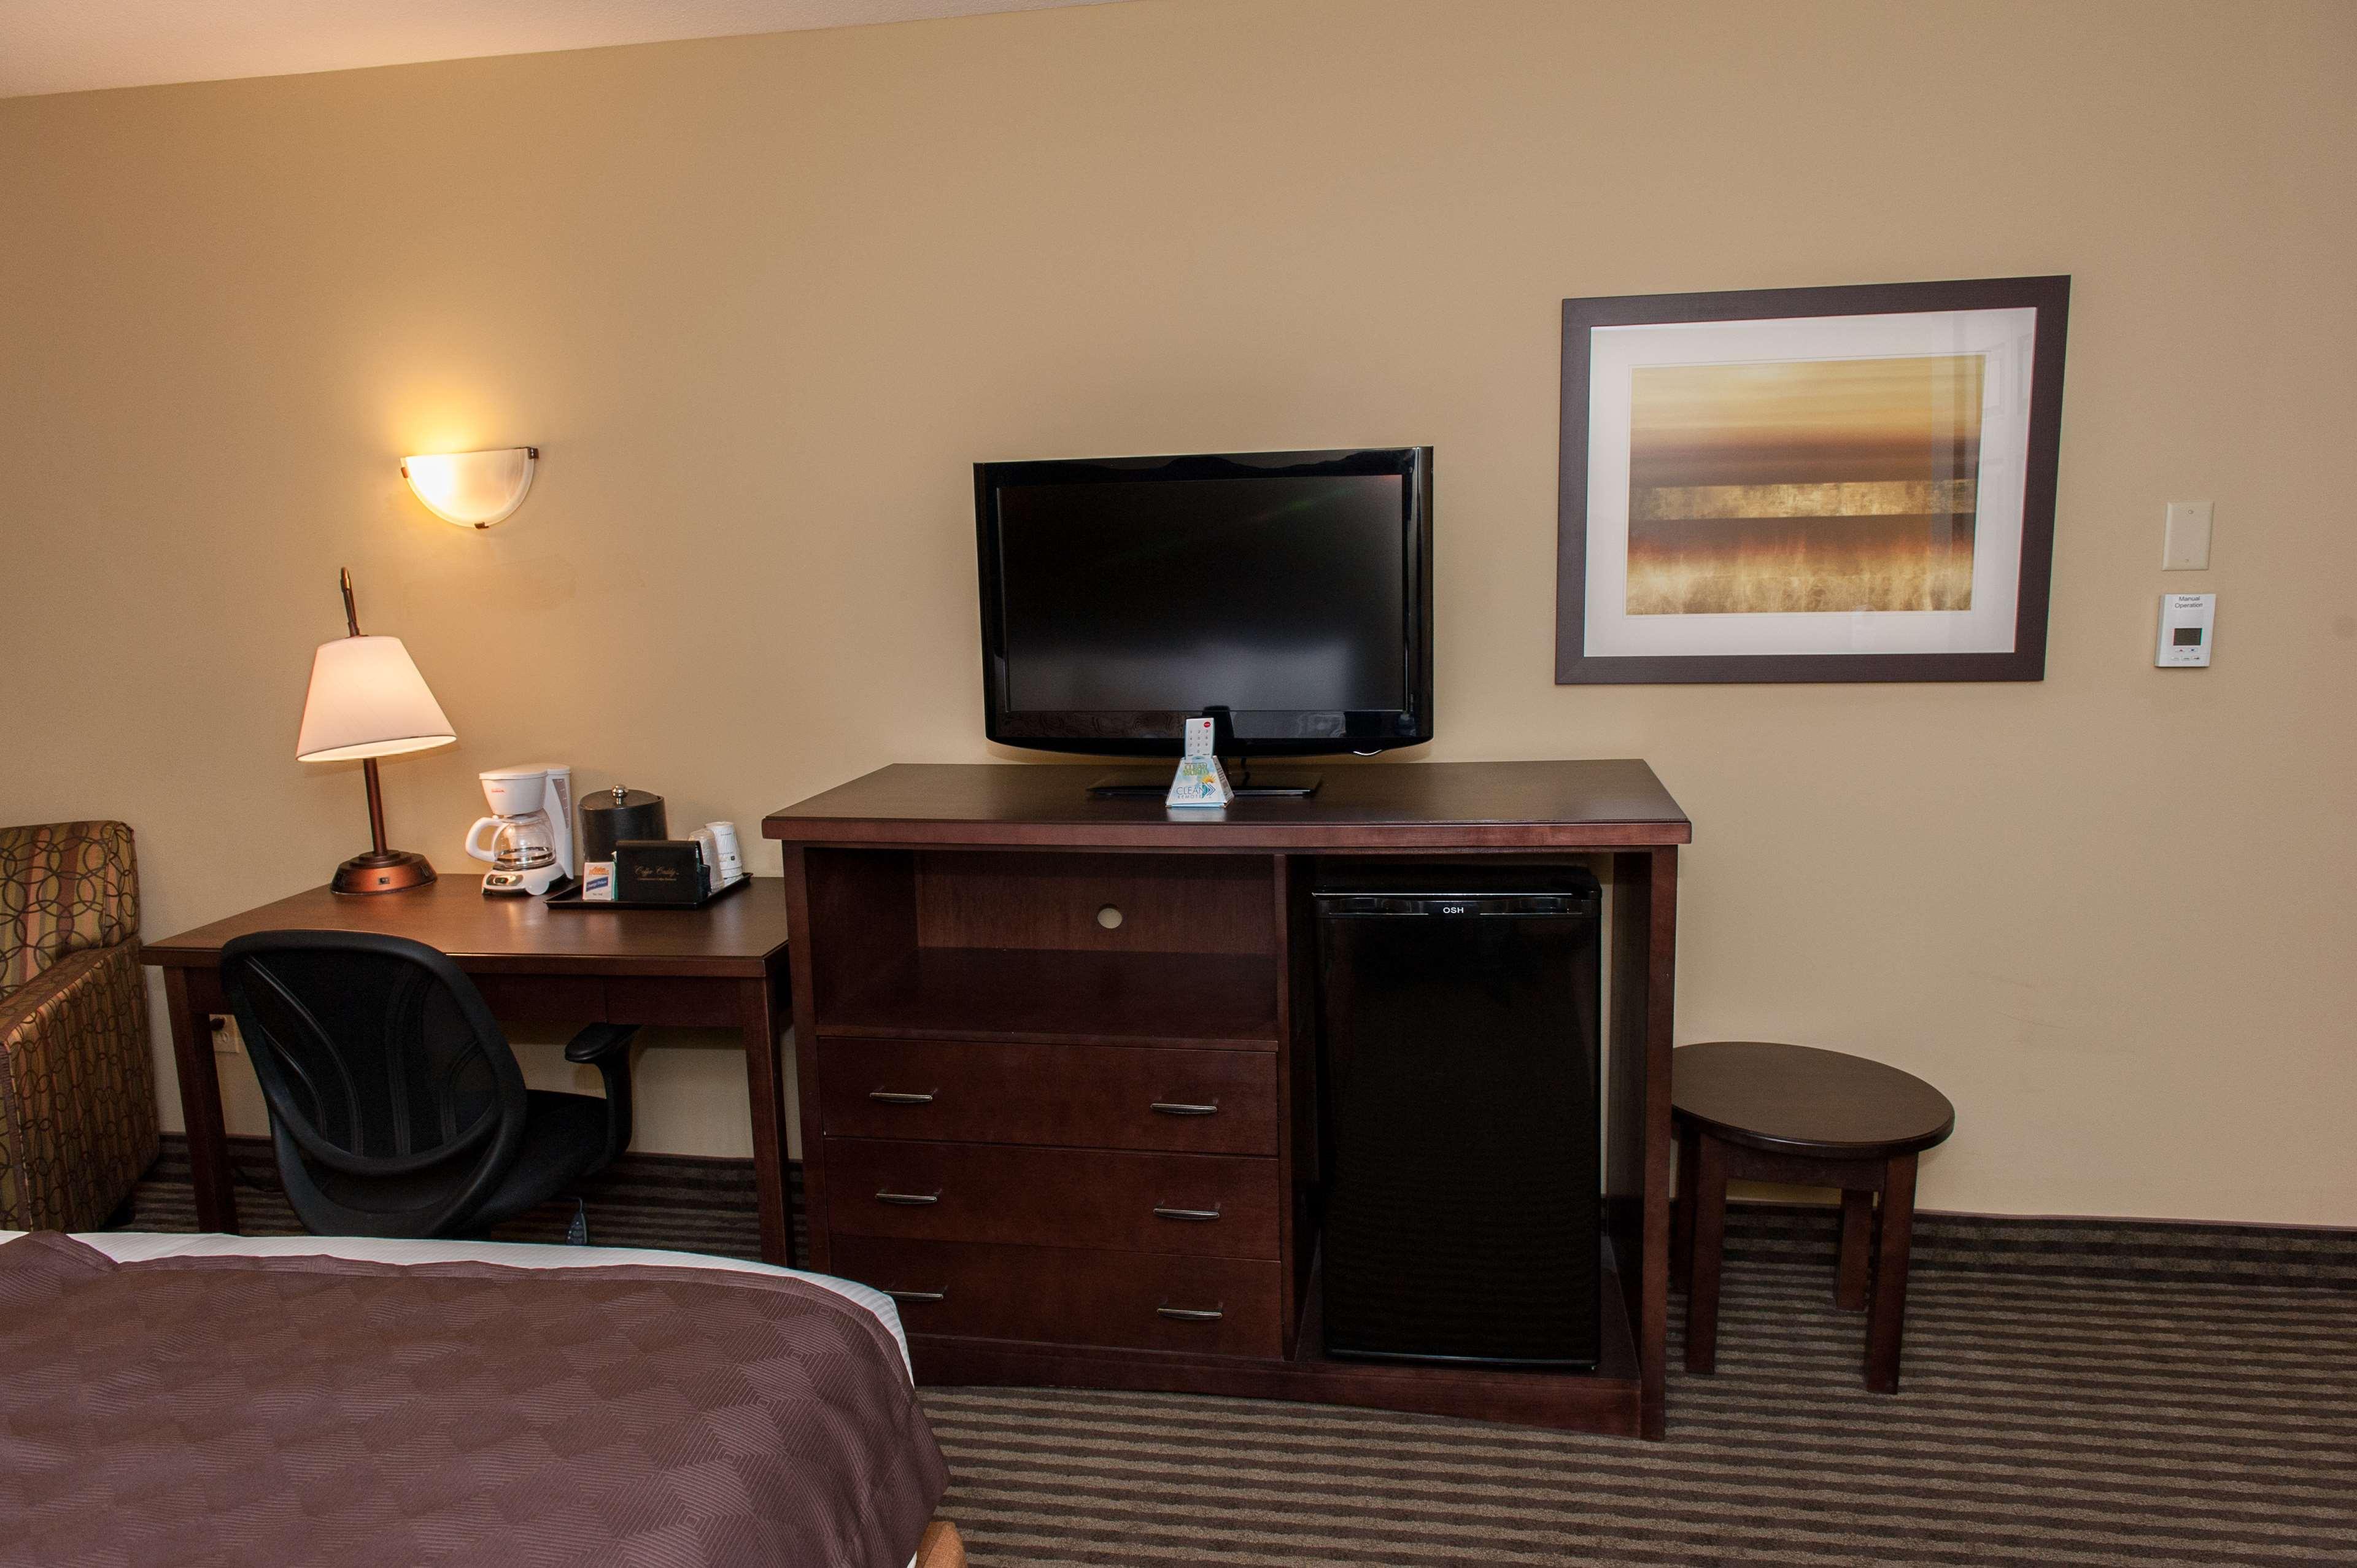 Best Western Maple Ridge Hotel in Maple Ridge: Guest Room Amenities